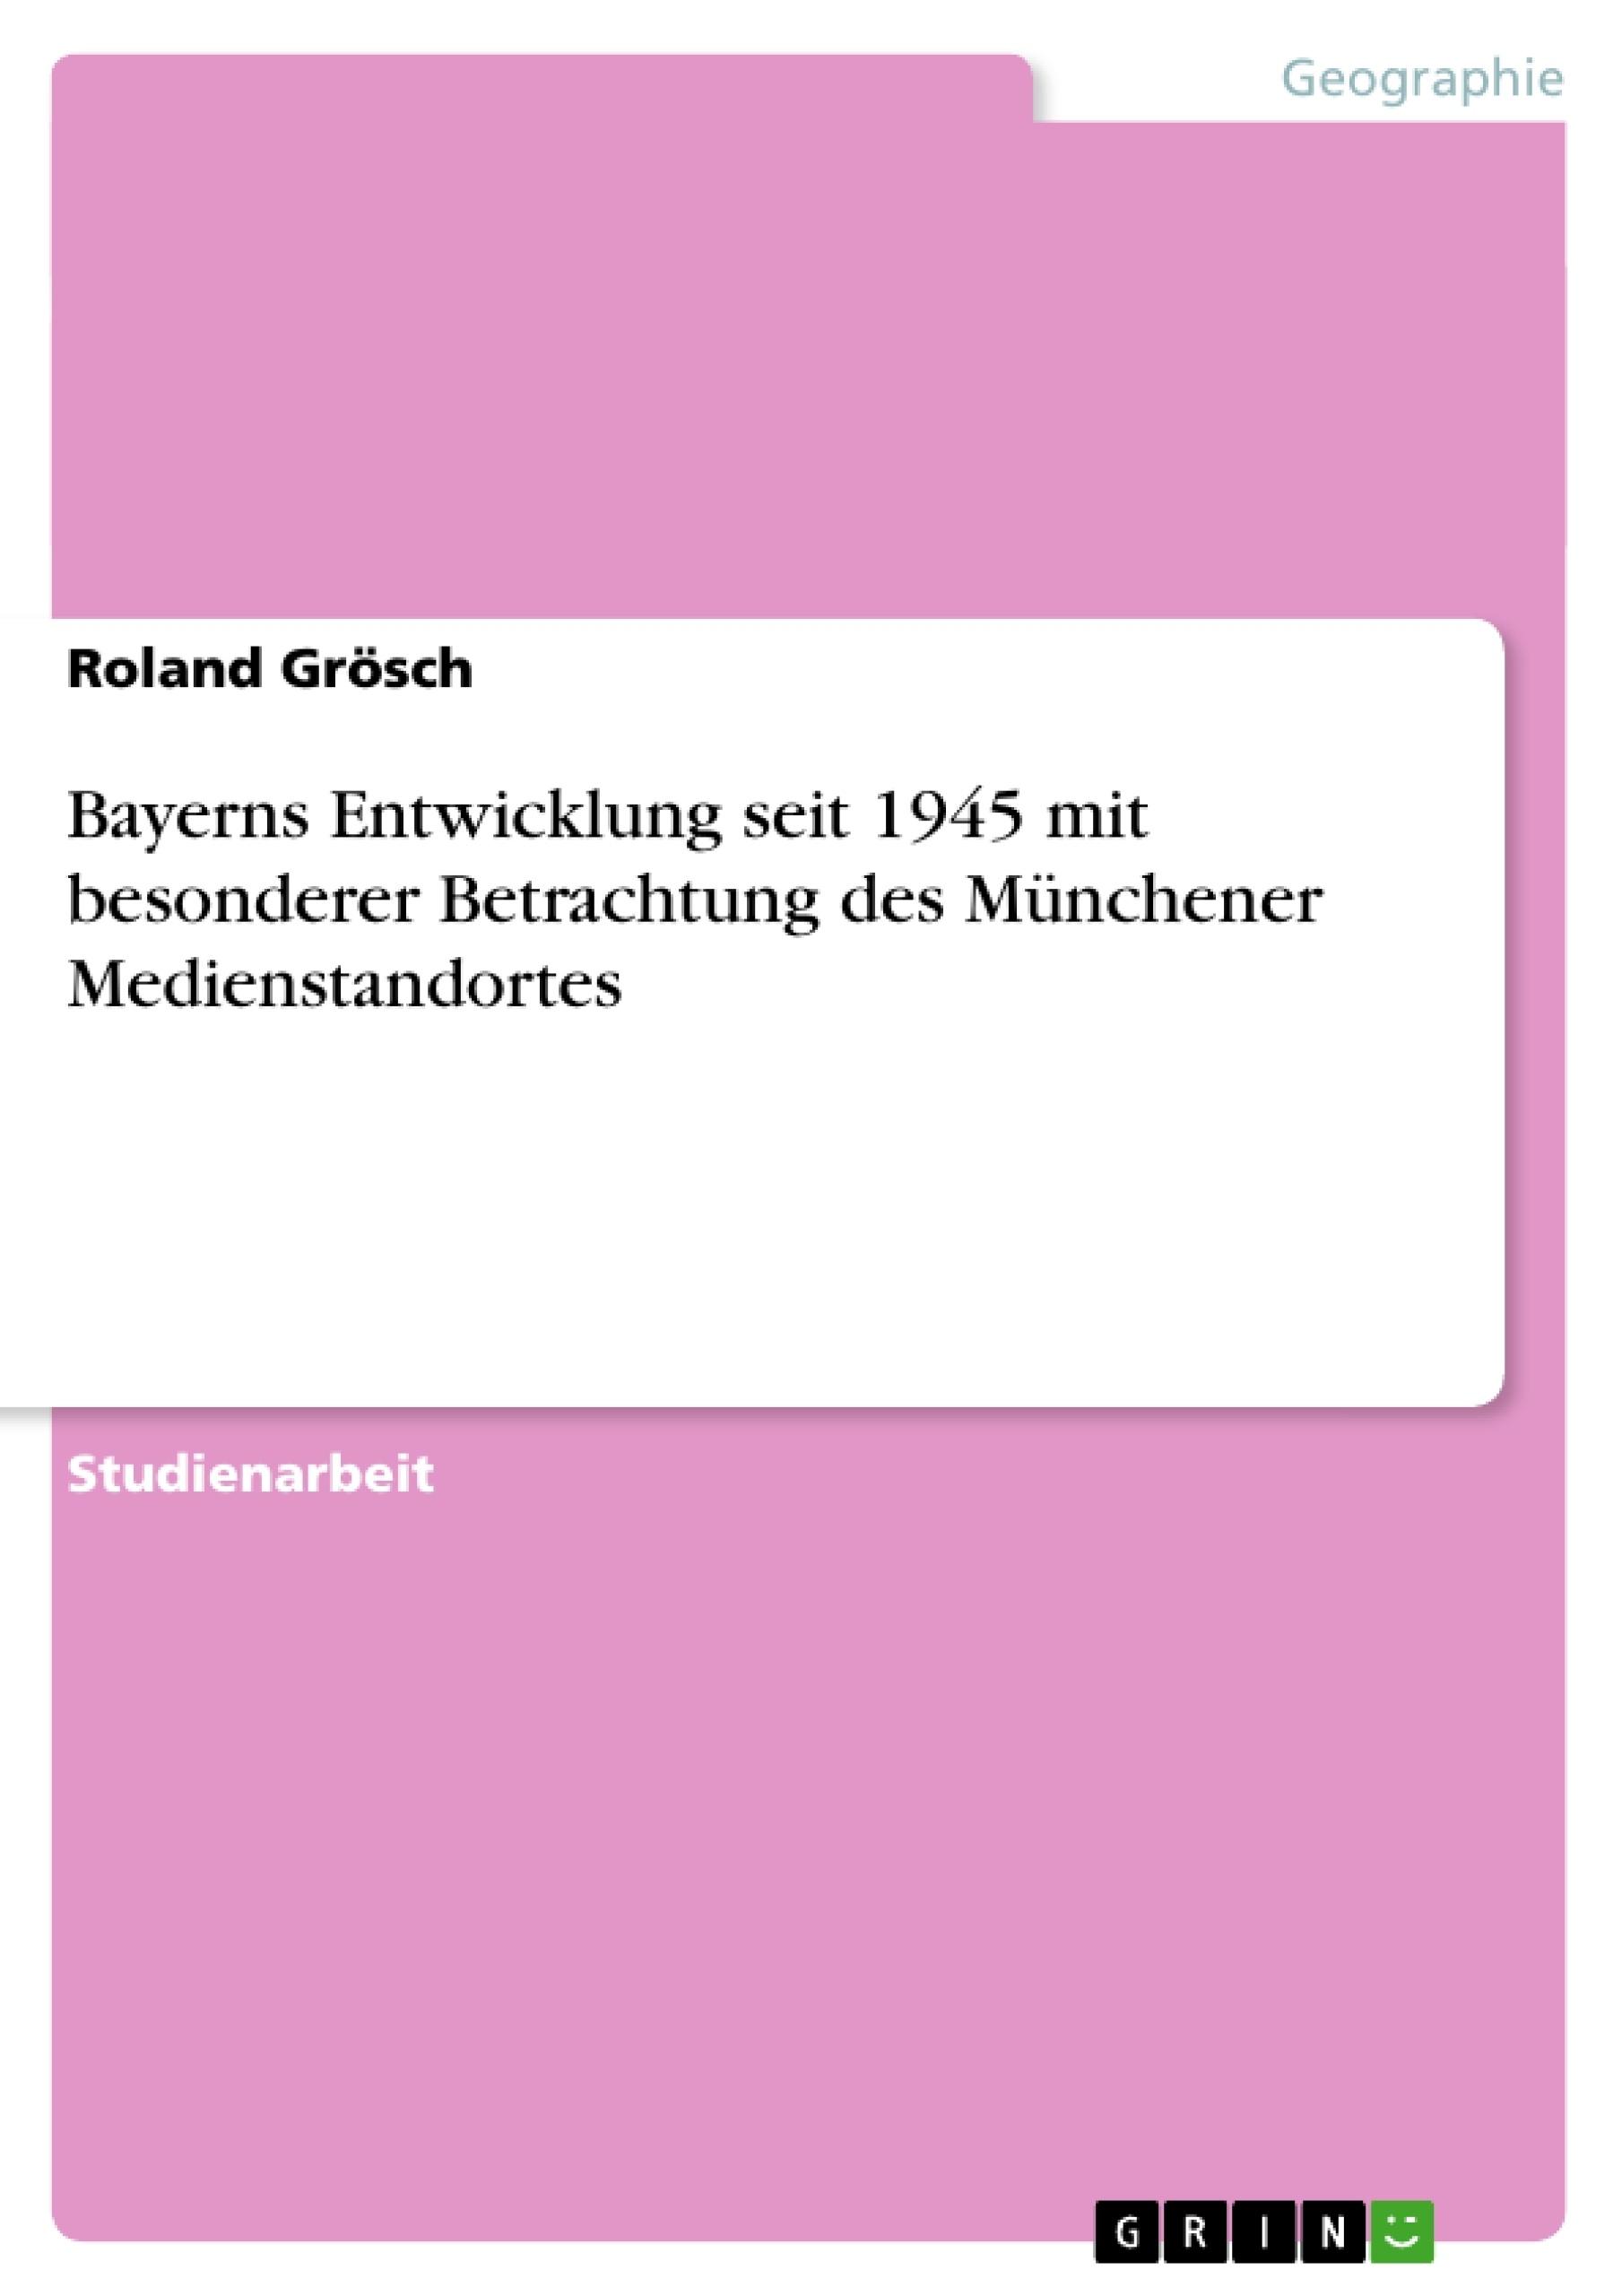 Titel: Bayerns Entwicklung seit 1945 mit besonderer Betrachtung des Münchener Medienstandortes